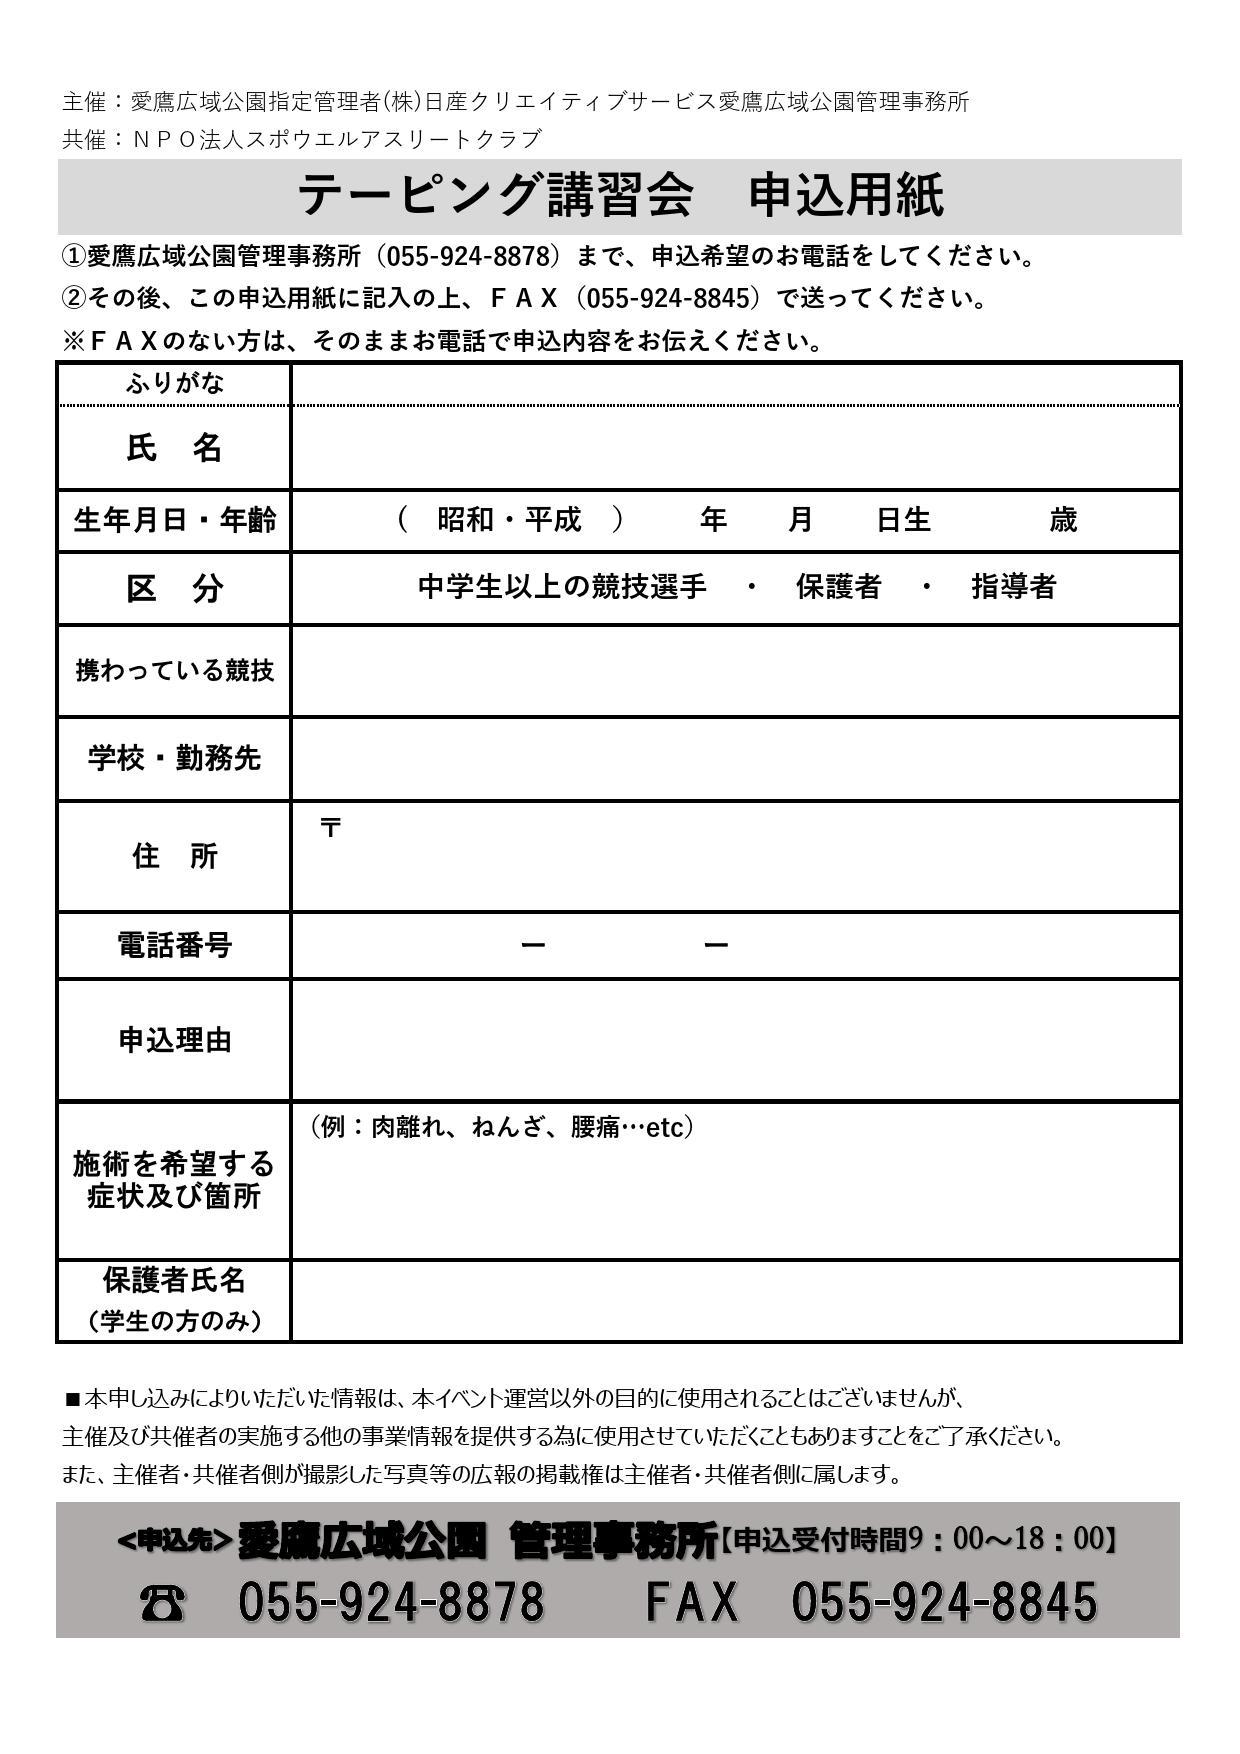 20170129t-ピング申込用紙